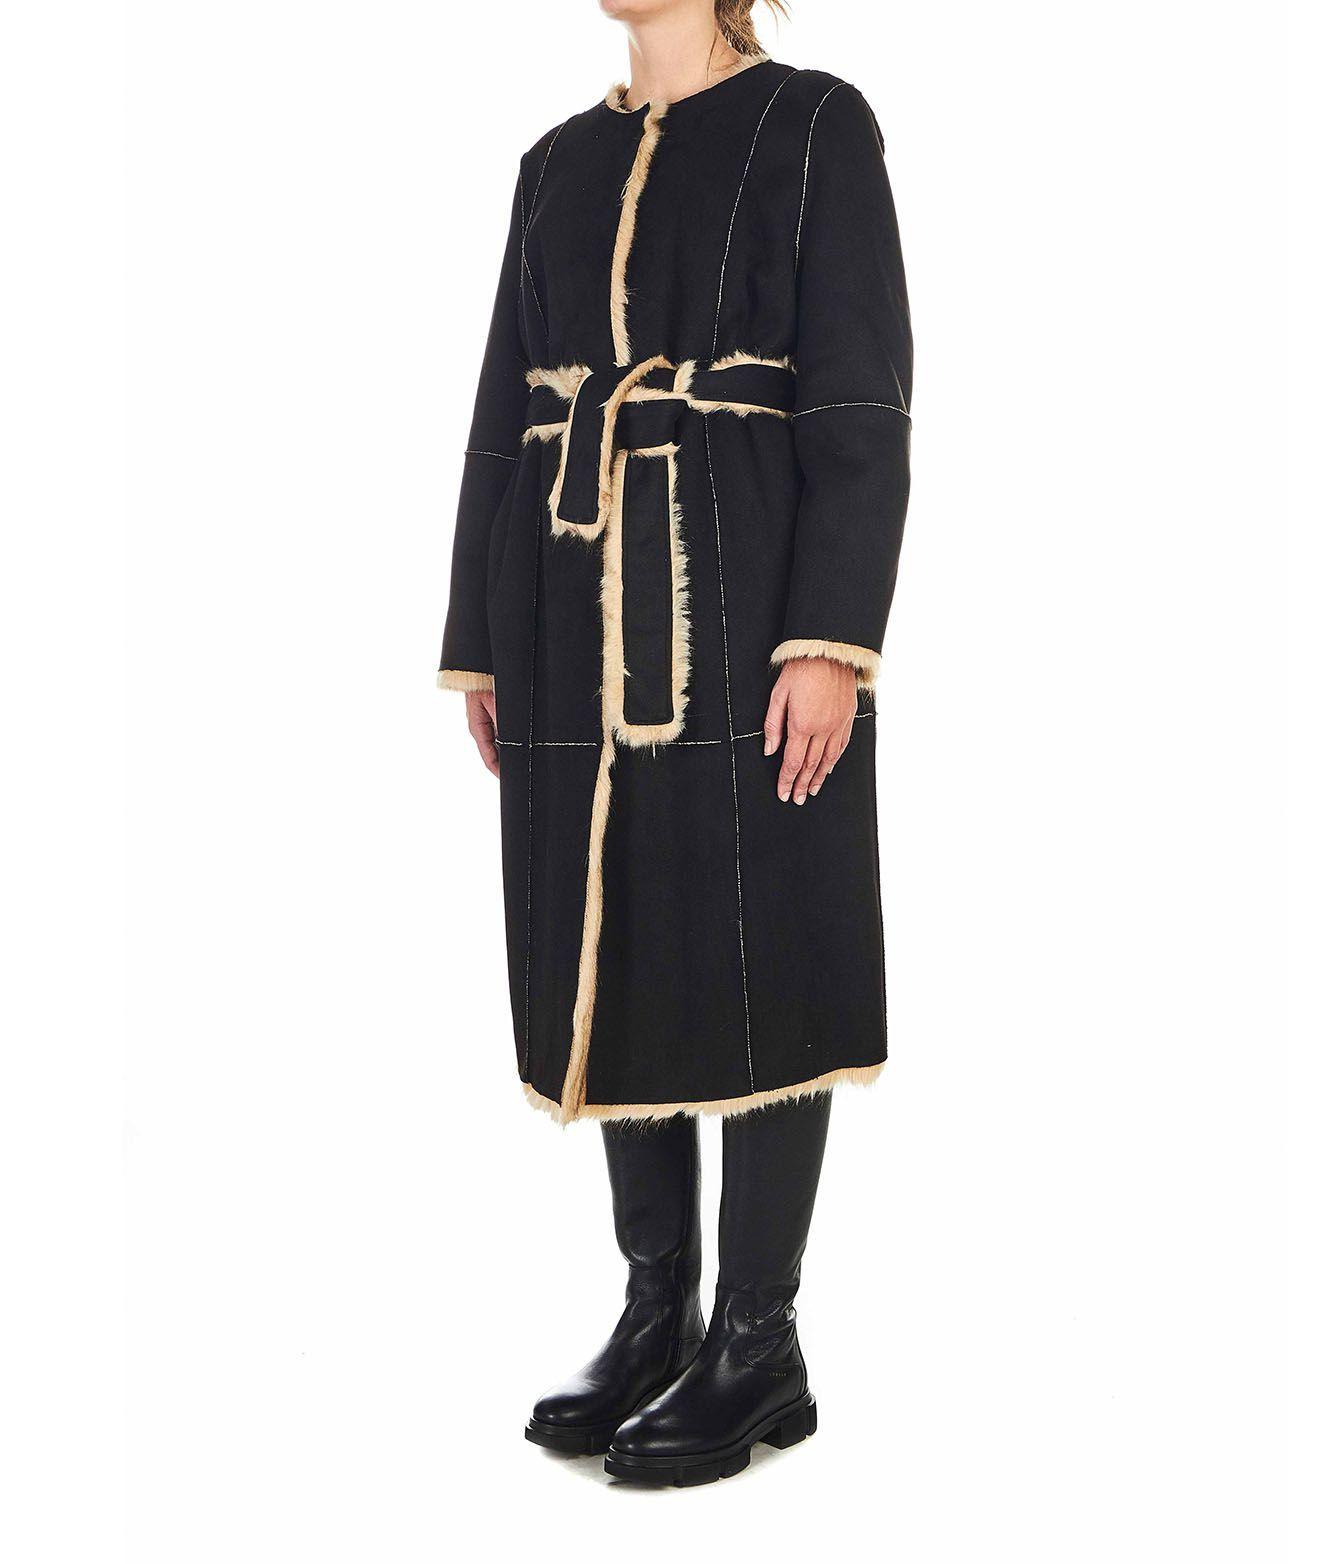 STAND STUDIO Coats STAND WOMEN'S BLACK COAT